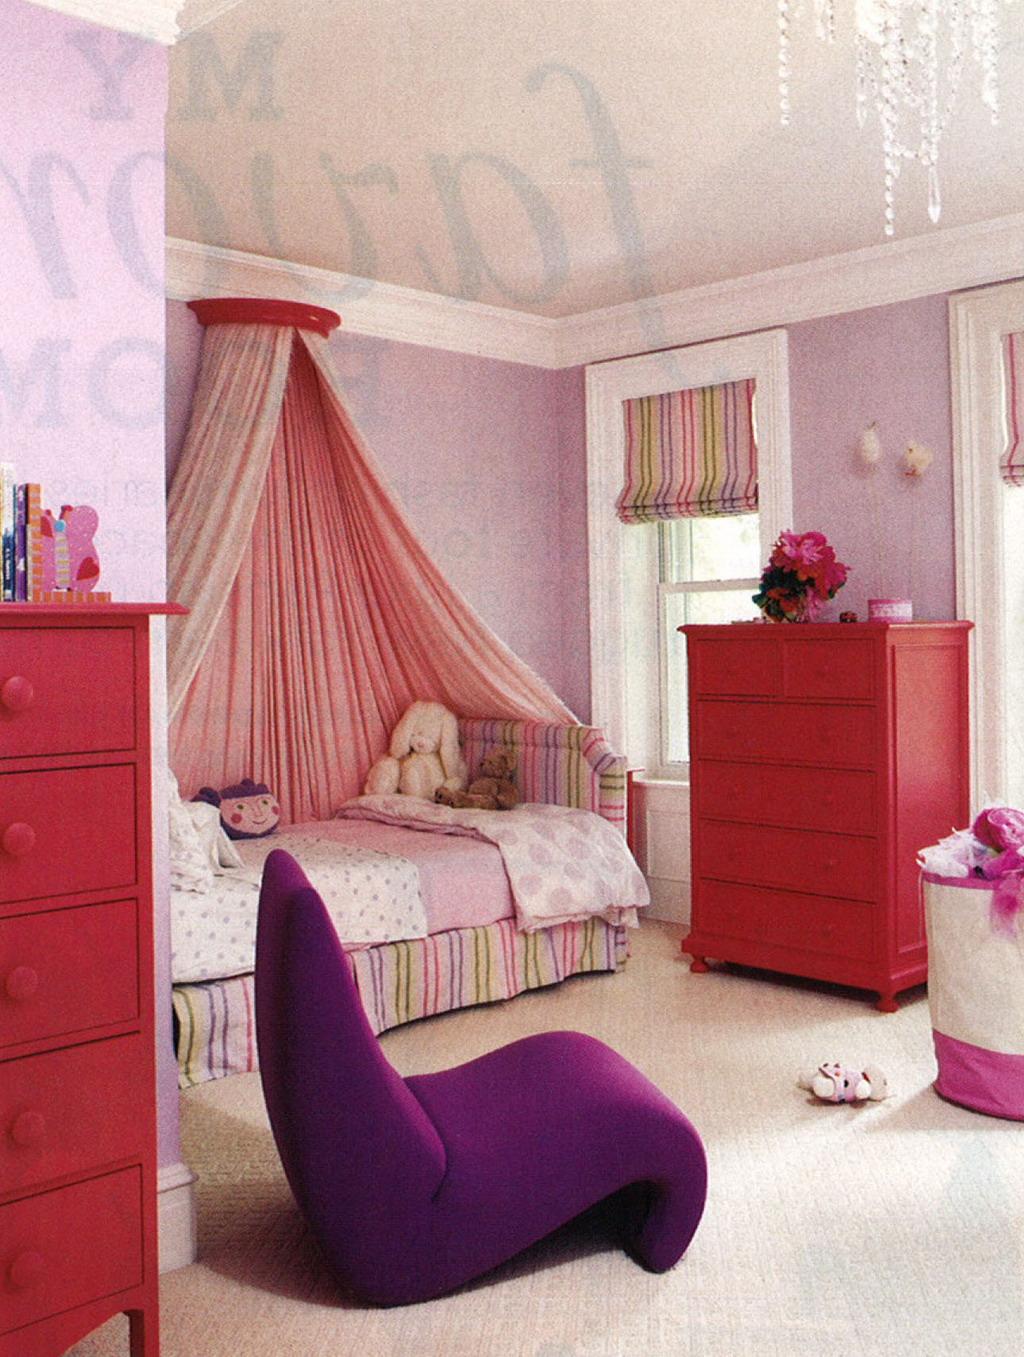 Girls Chairs for Bedroom - Decor IdeasDecor Ideas